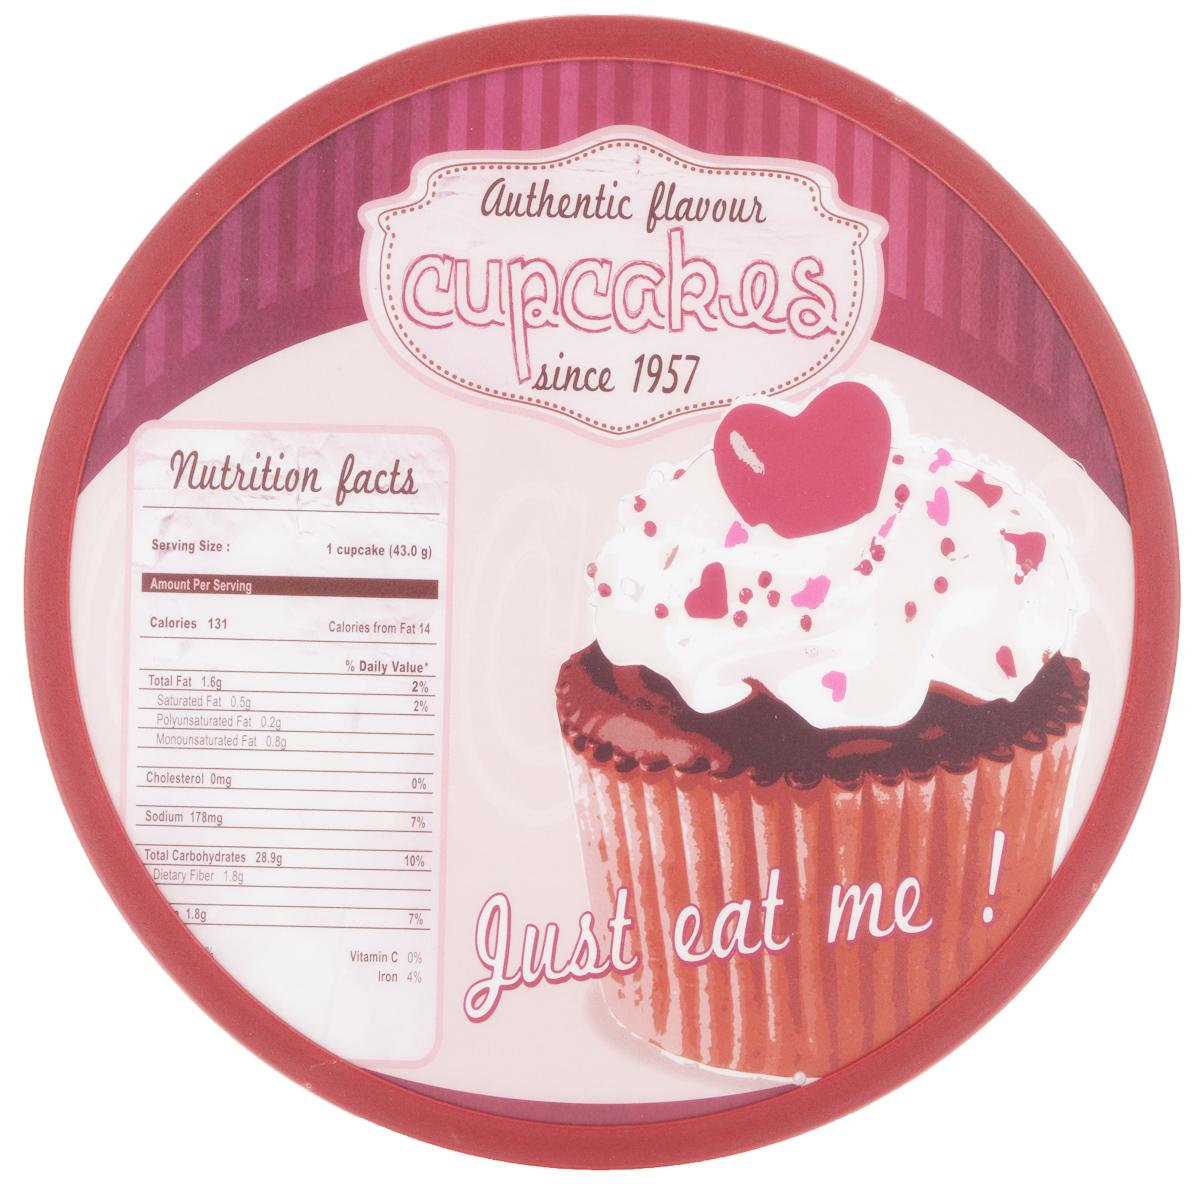 Доска разделочная Mayer & Boch Cupcakes, вращающаяся, диаметр 30 см115510Вращающаяся разделочная доска Mayer & Boch Cupcakes, выполненная из высококачественного пластика и дерева, станет незаменимым аксессуаром на вашей кухне. Доска декорирована красочными рисунками и надписями. Антибактериальное покрытие защищает от плесени, грибков и неприятных запахов.Изделие предназначено для измельчения продуктов. Доска вращается на 360°, что делает ее еще и отличным аксессуаром для сервировки пищи. Такая доска прекрасно впишется в интерьер любой кухни и прослужит вам долгие годы. Диаметр доски: 30 см. Диаметр основания: 18 см. Высота: 4 см.